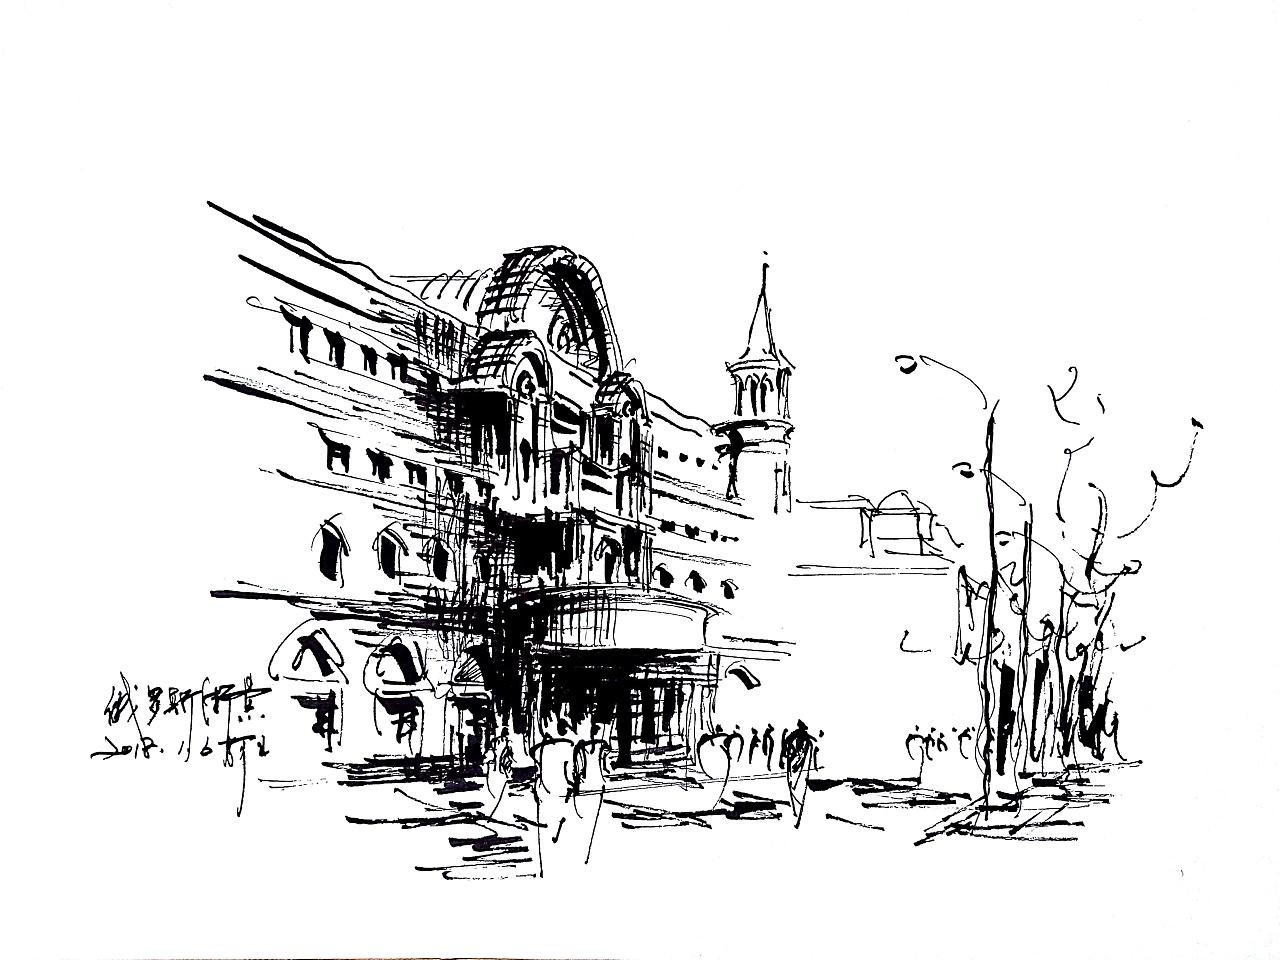 速写风景建筑速写阿王速写钢笔画